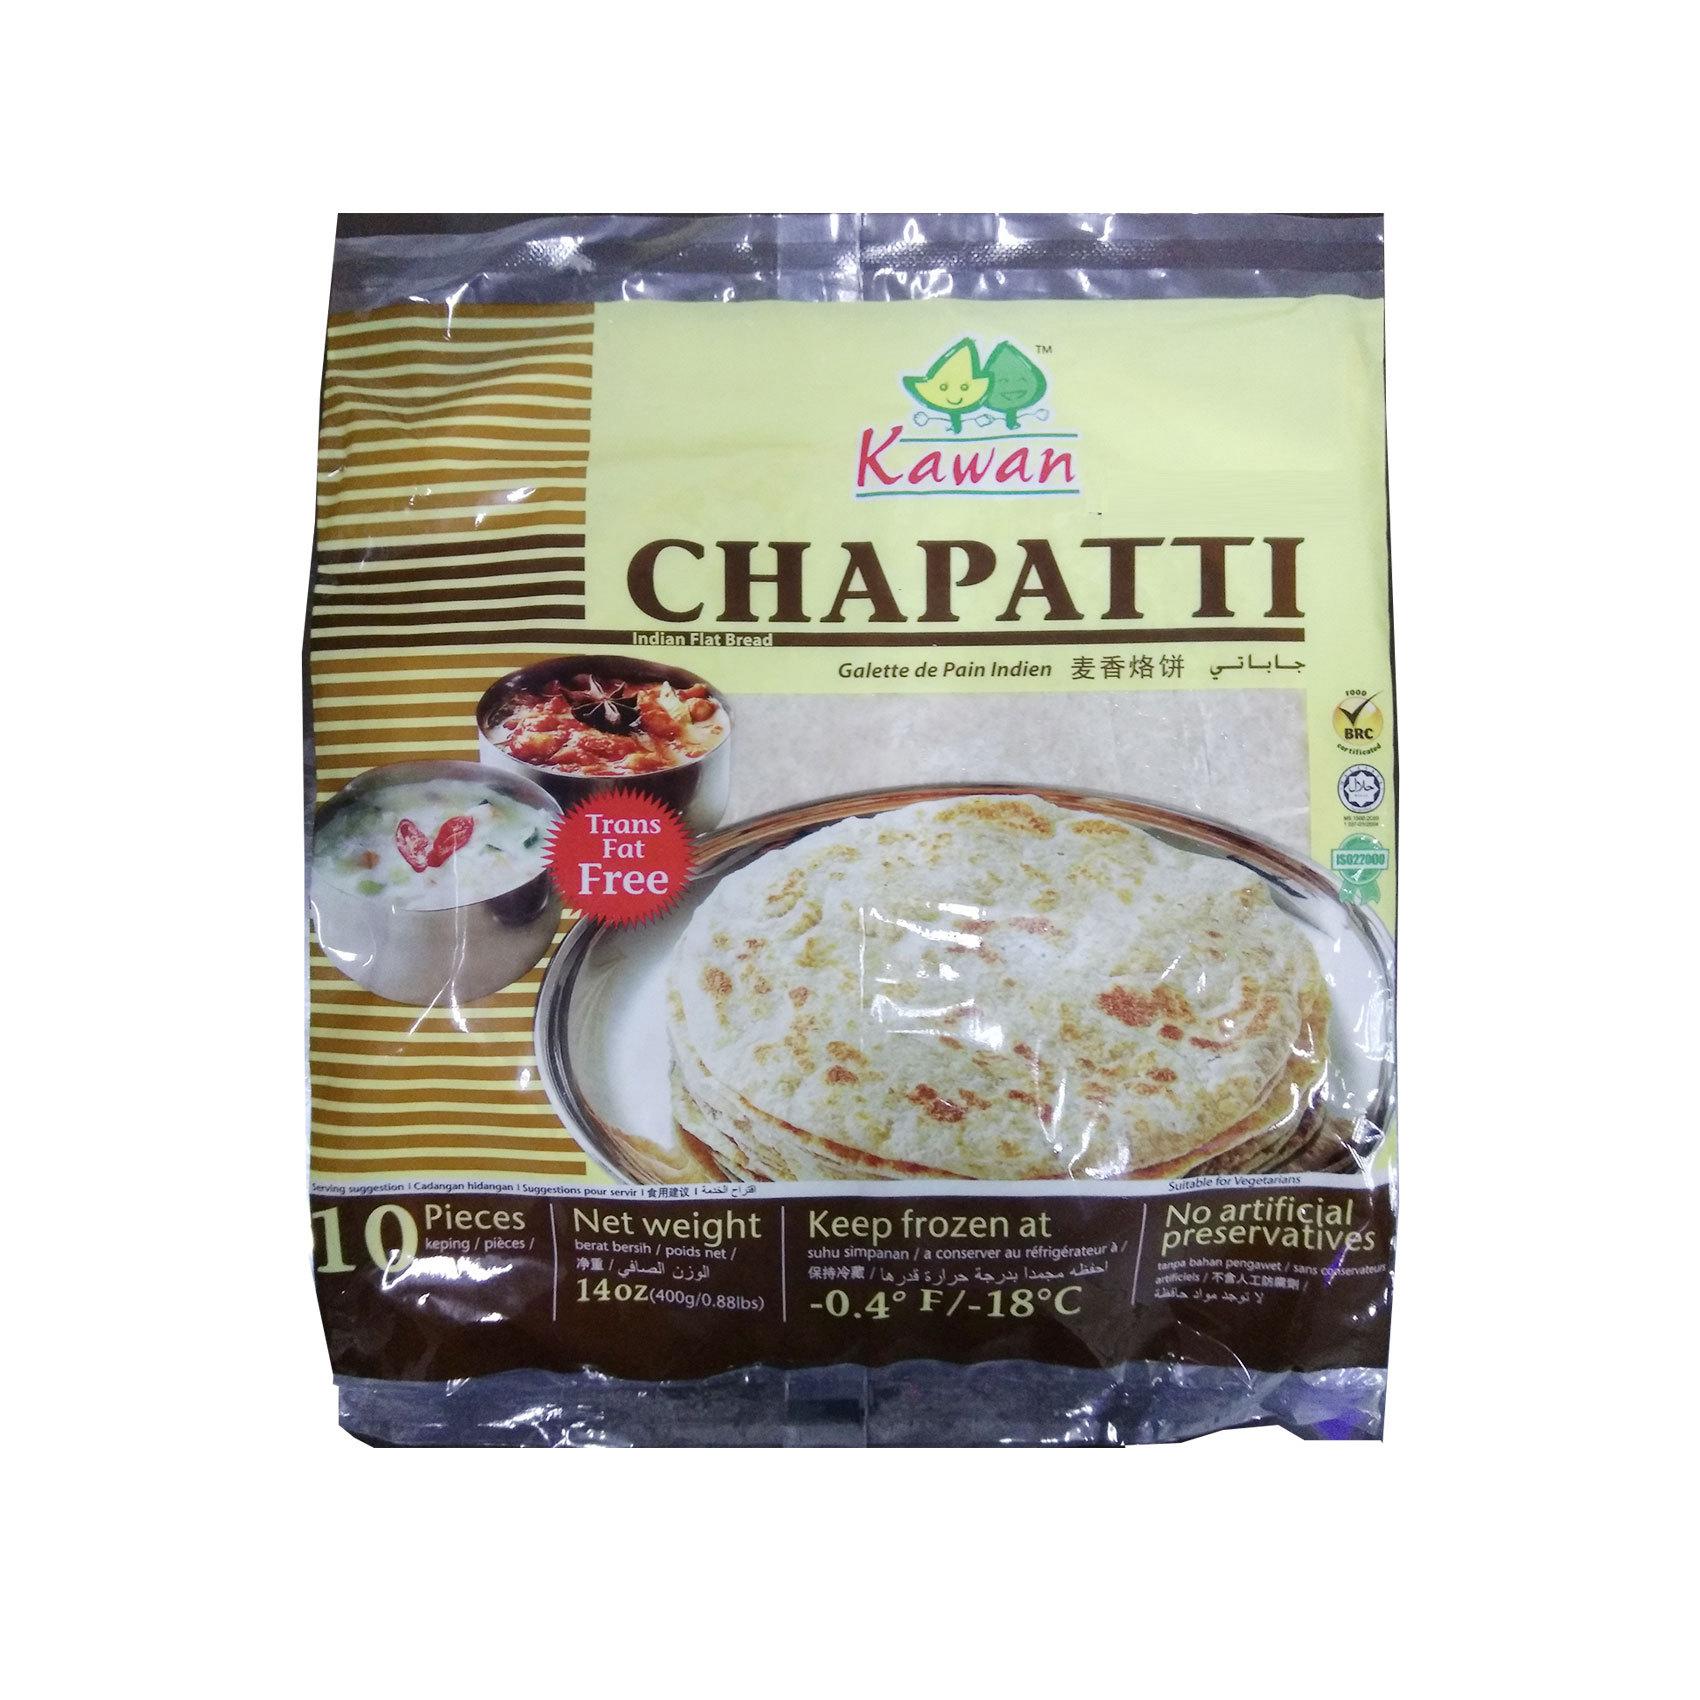 KG CHAPATTI BREAD 400G